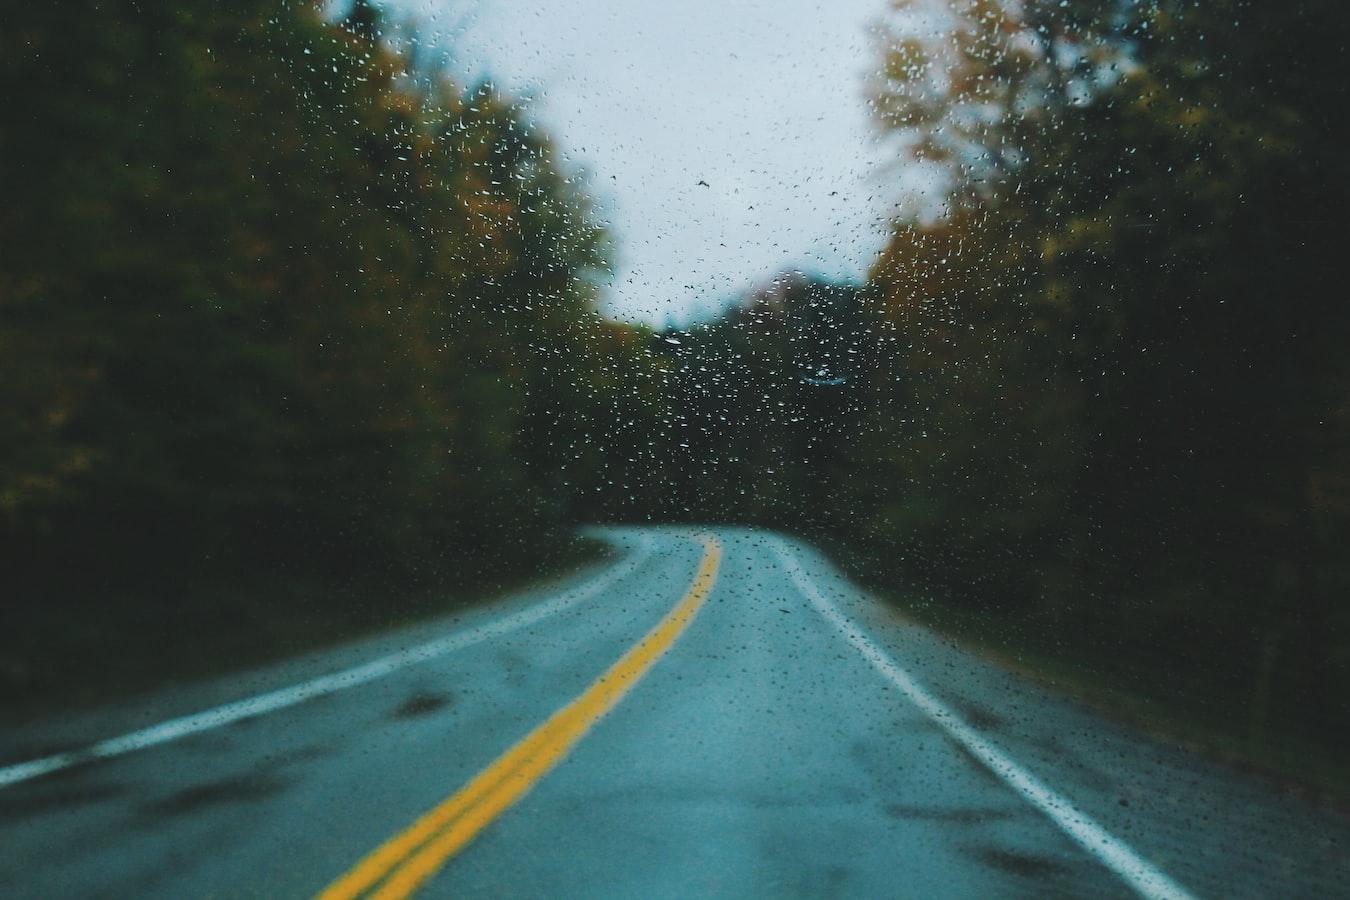 Carretera sinuosa con lluvia.